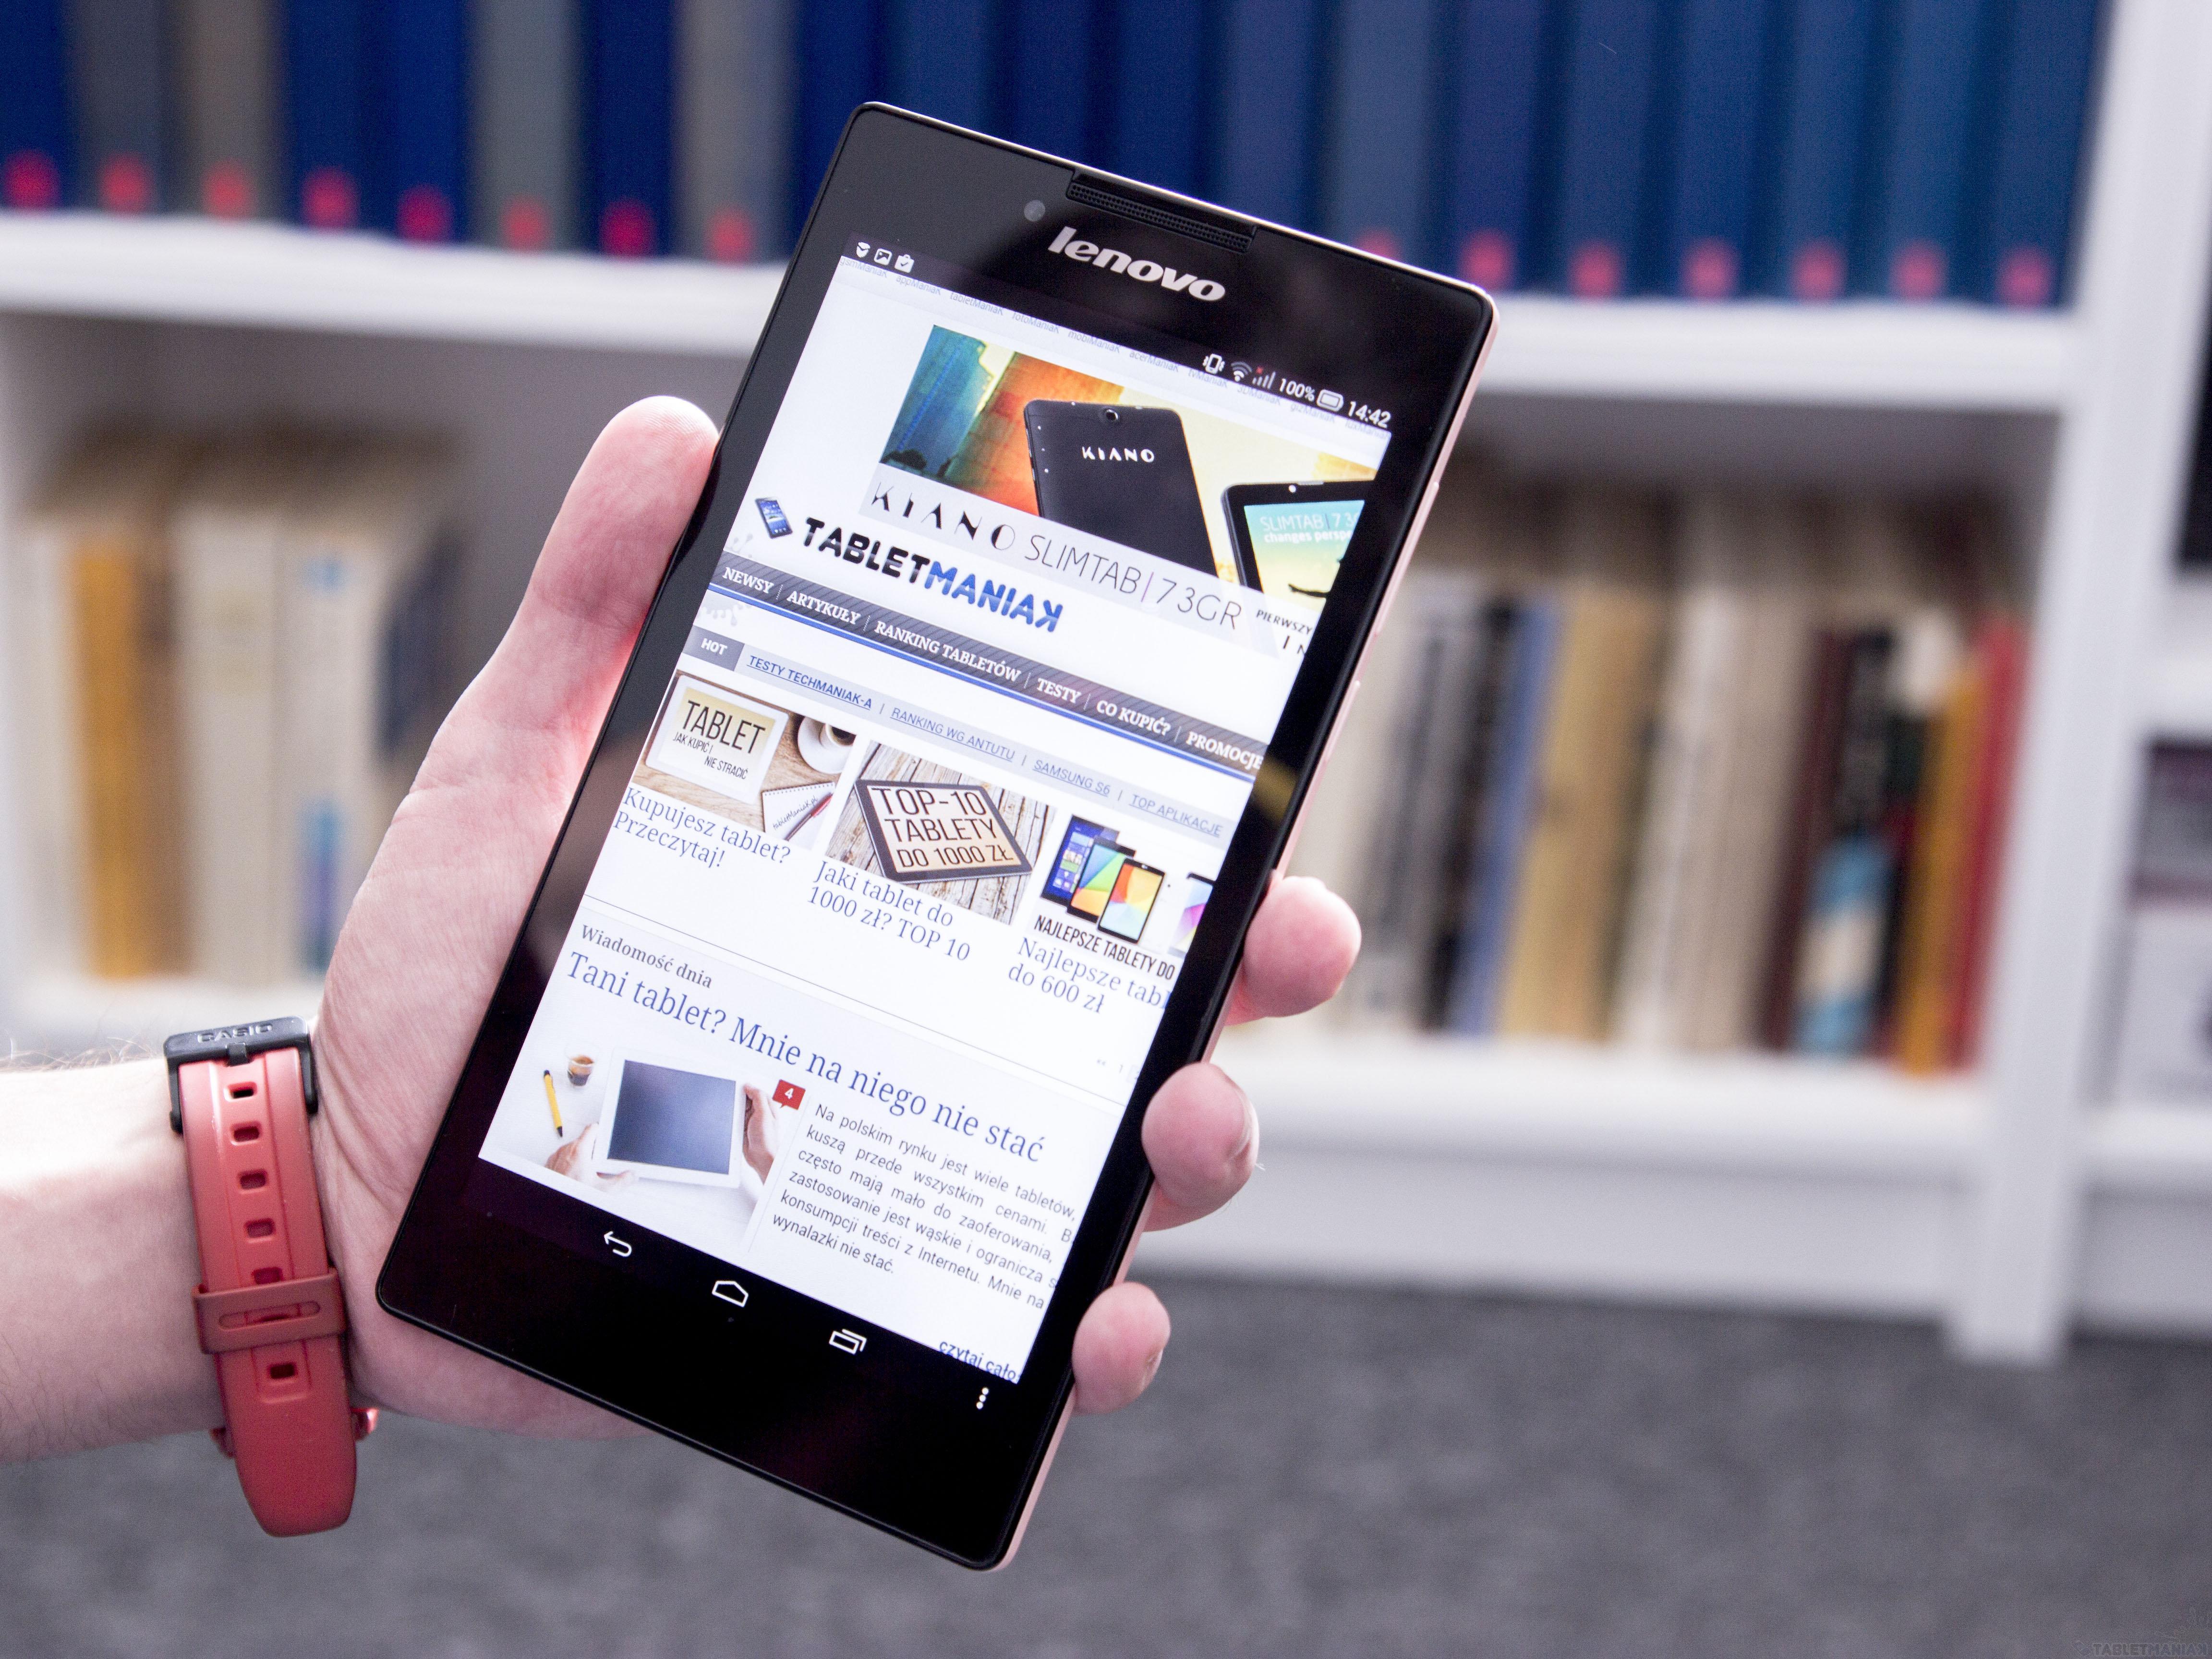 Test | Lenovo TAB2 A7-30H. Poręczny tablet z głośnikami stereo